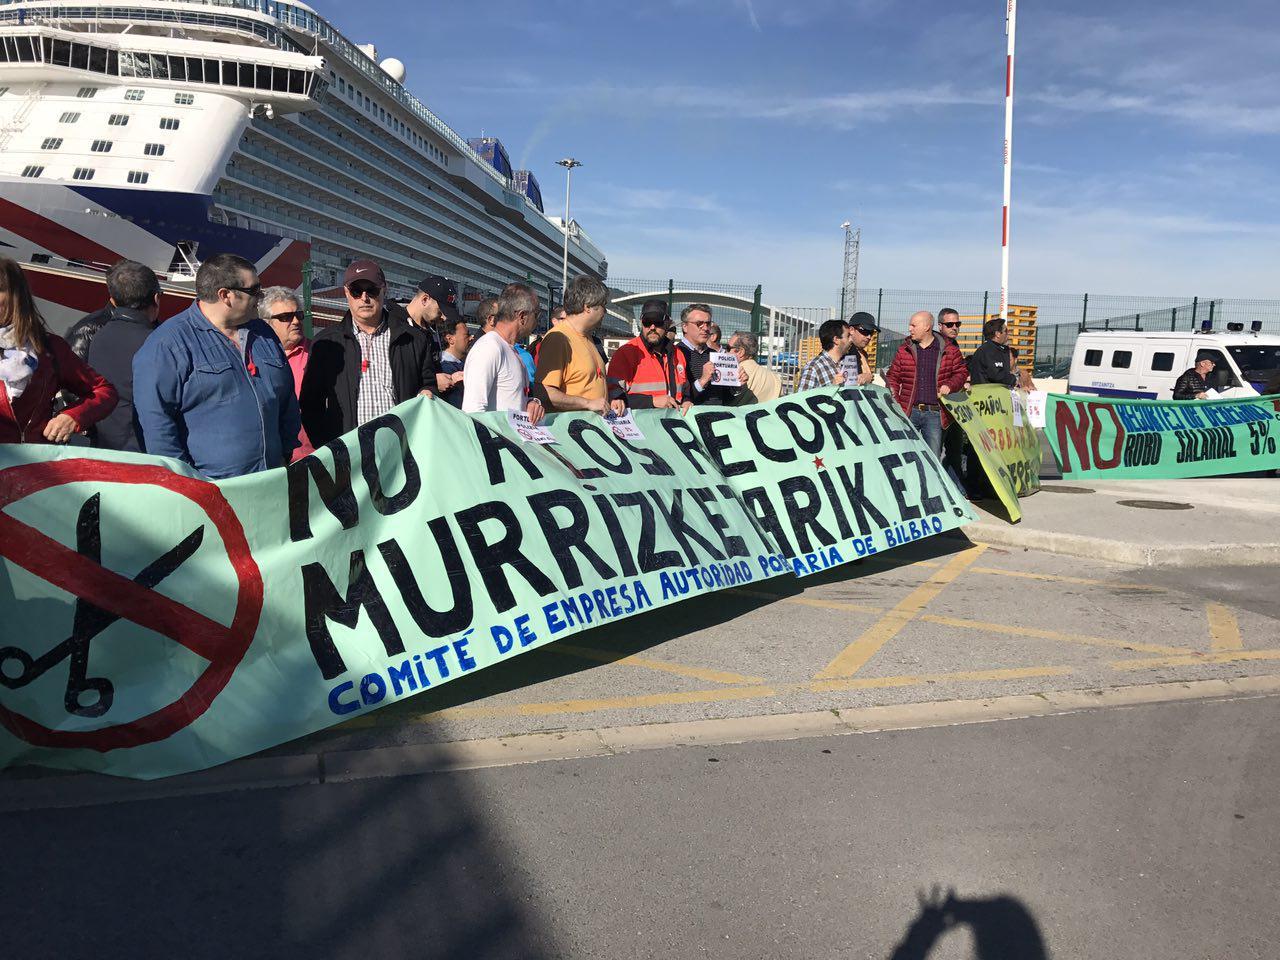 Iñigo Martinez participa en las movilizaciones de los estibadores y trabajadores portuarios en Getxo